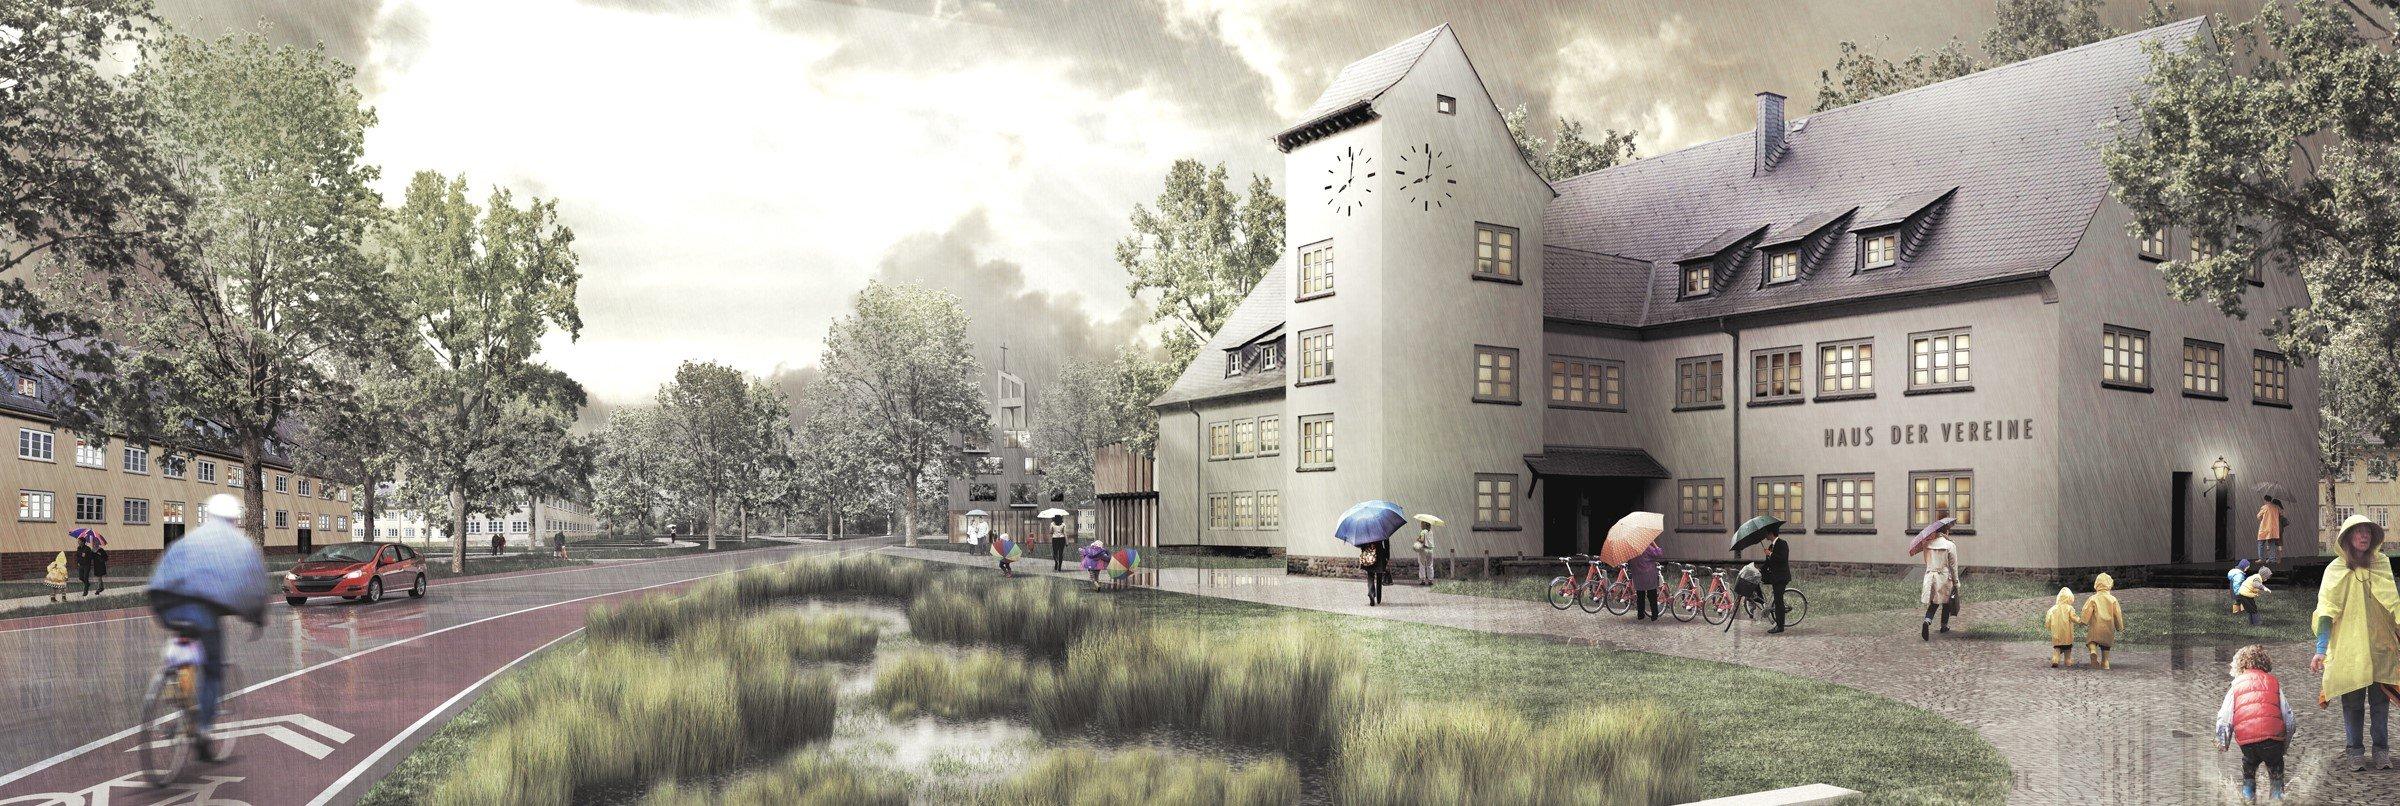 Versickern und verdunsten lassen statt zu versiegeln: Im Oxford-Quartier soll Regenwasser auf eigens angelegten Grünflächen zum Mikro-Klima beitragen. Foto: Animation: Arge Oxford.